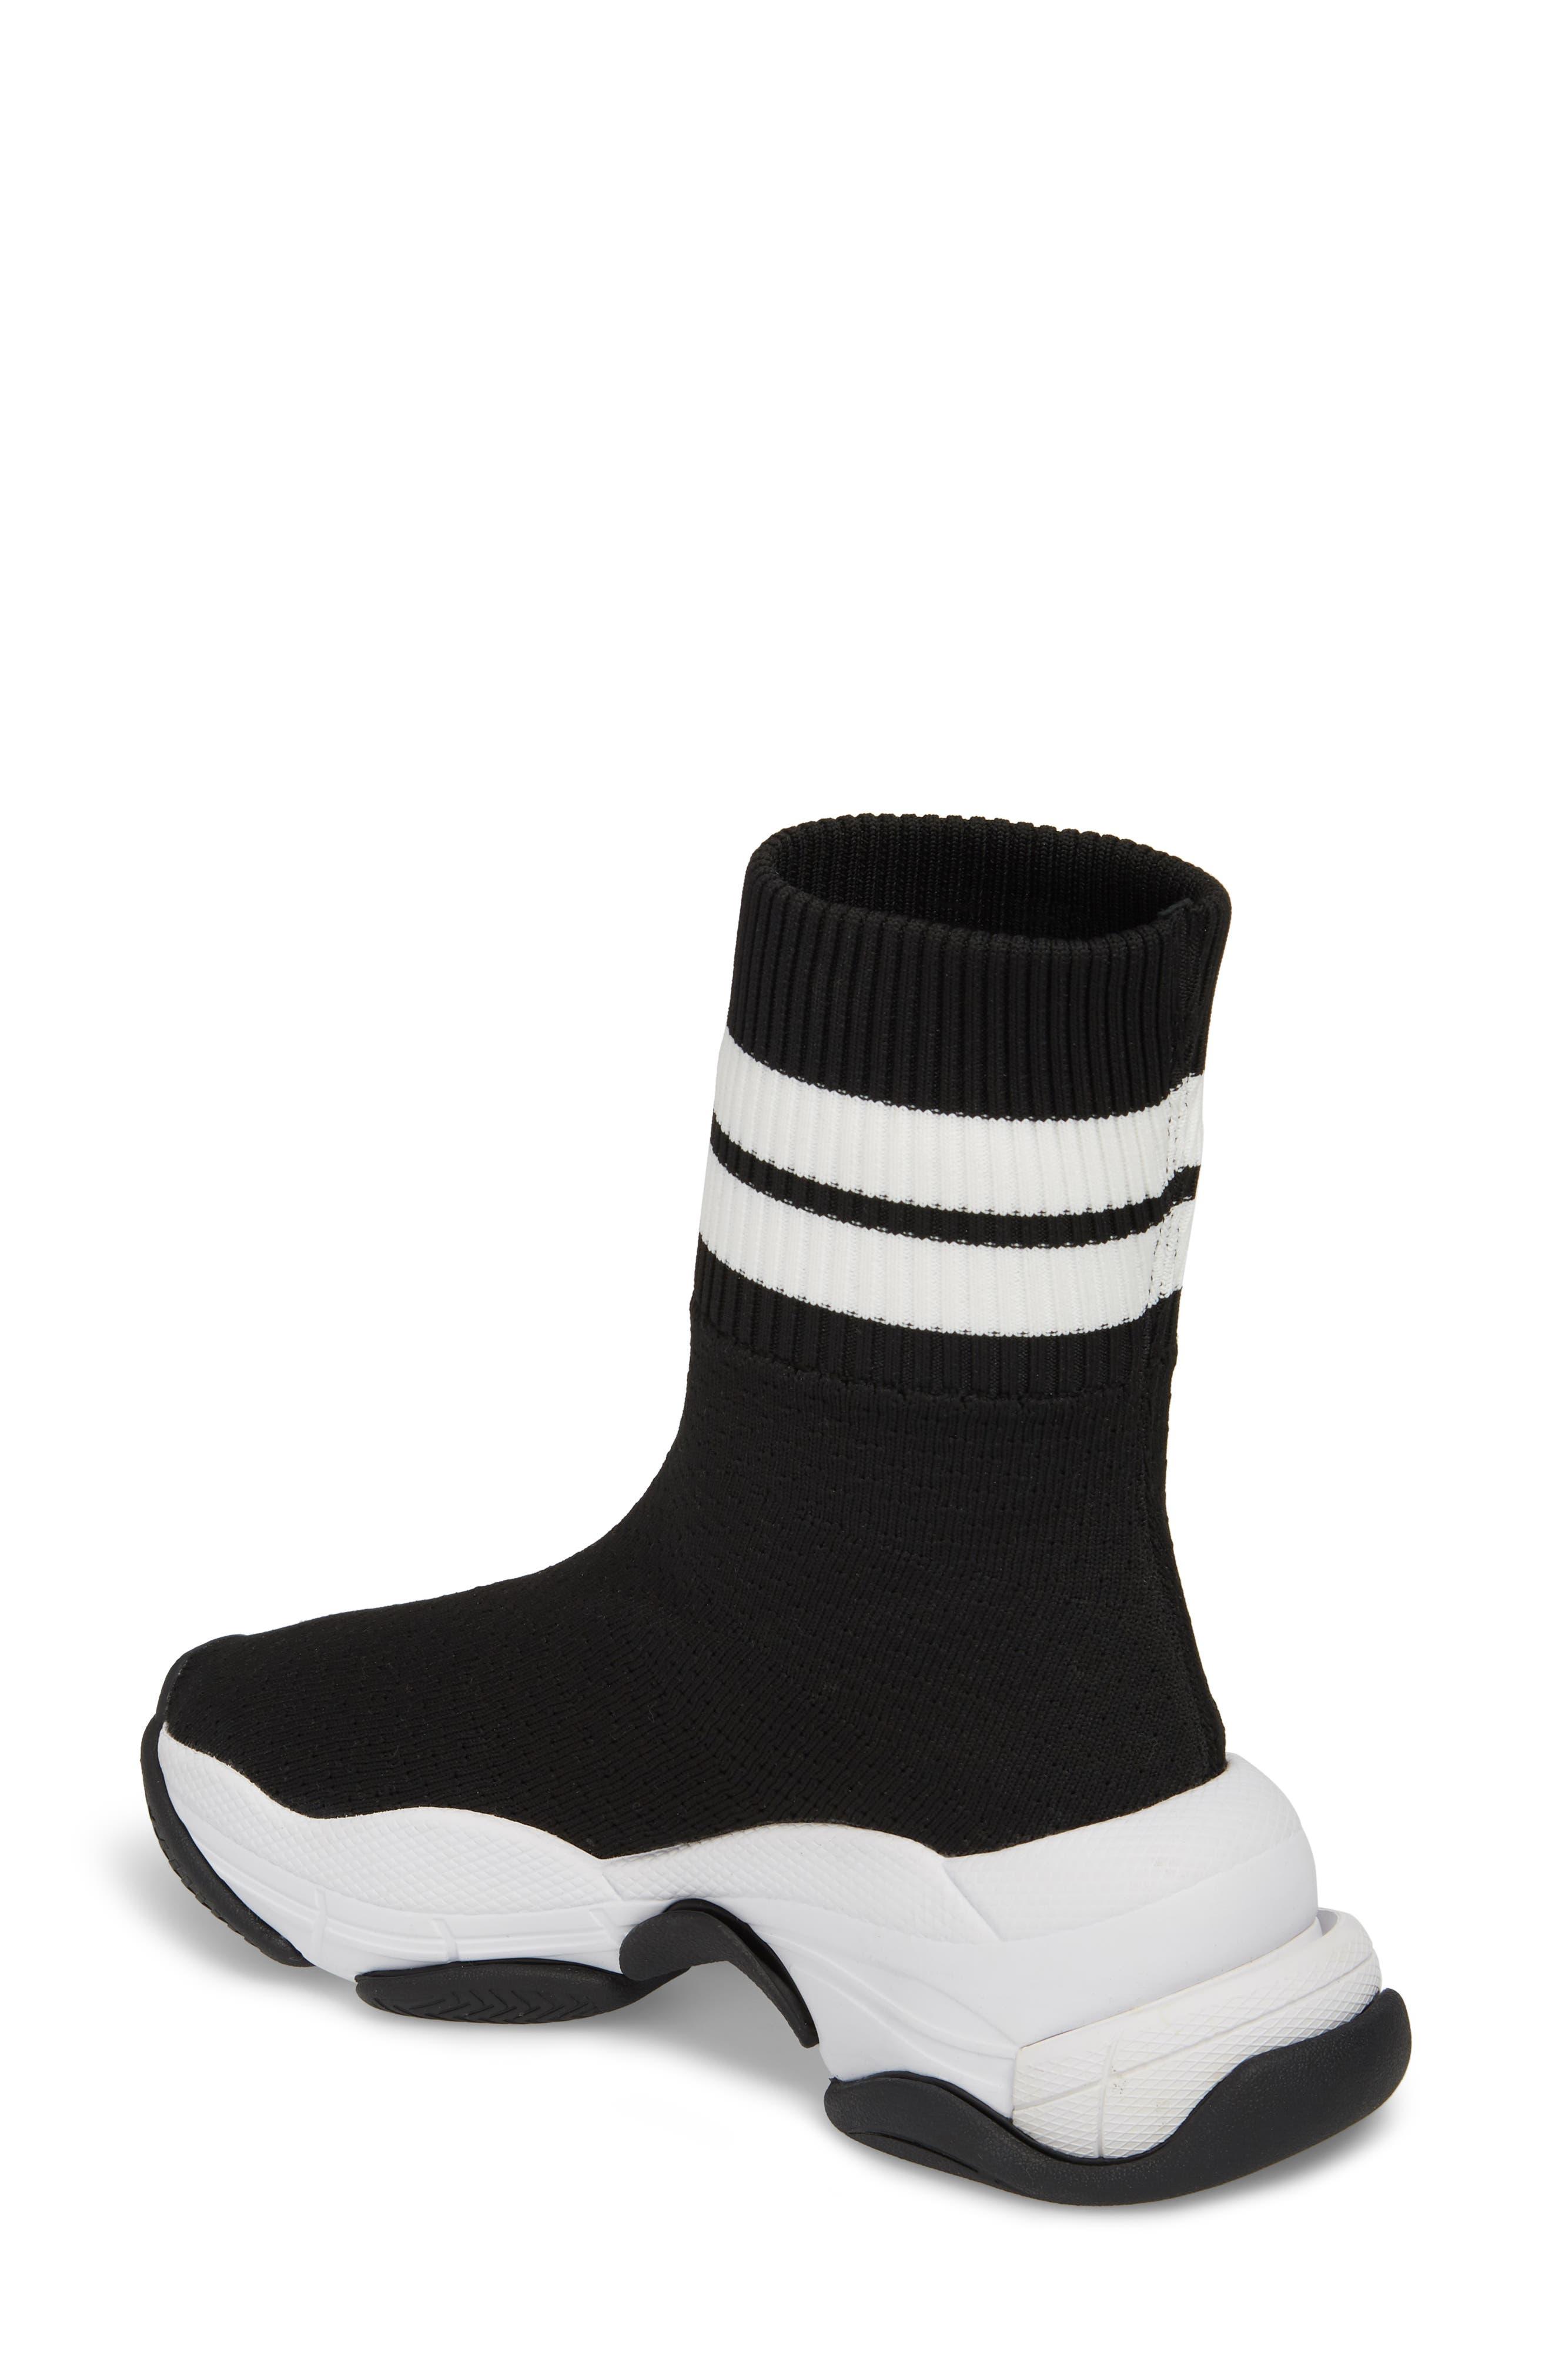 Tenko Ankle High Top Sock Sneaker,                             Alternate thumbnail 2, color,                             Black/ White Stripe Fabric